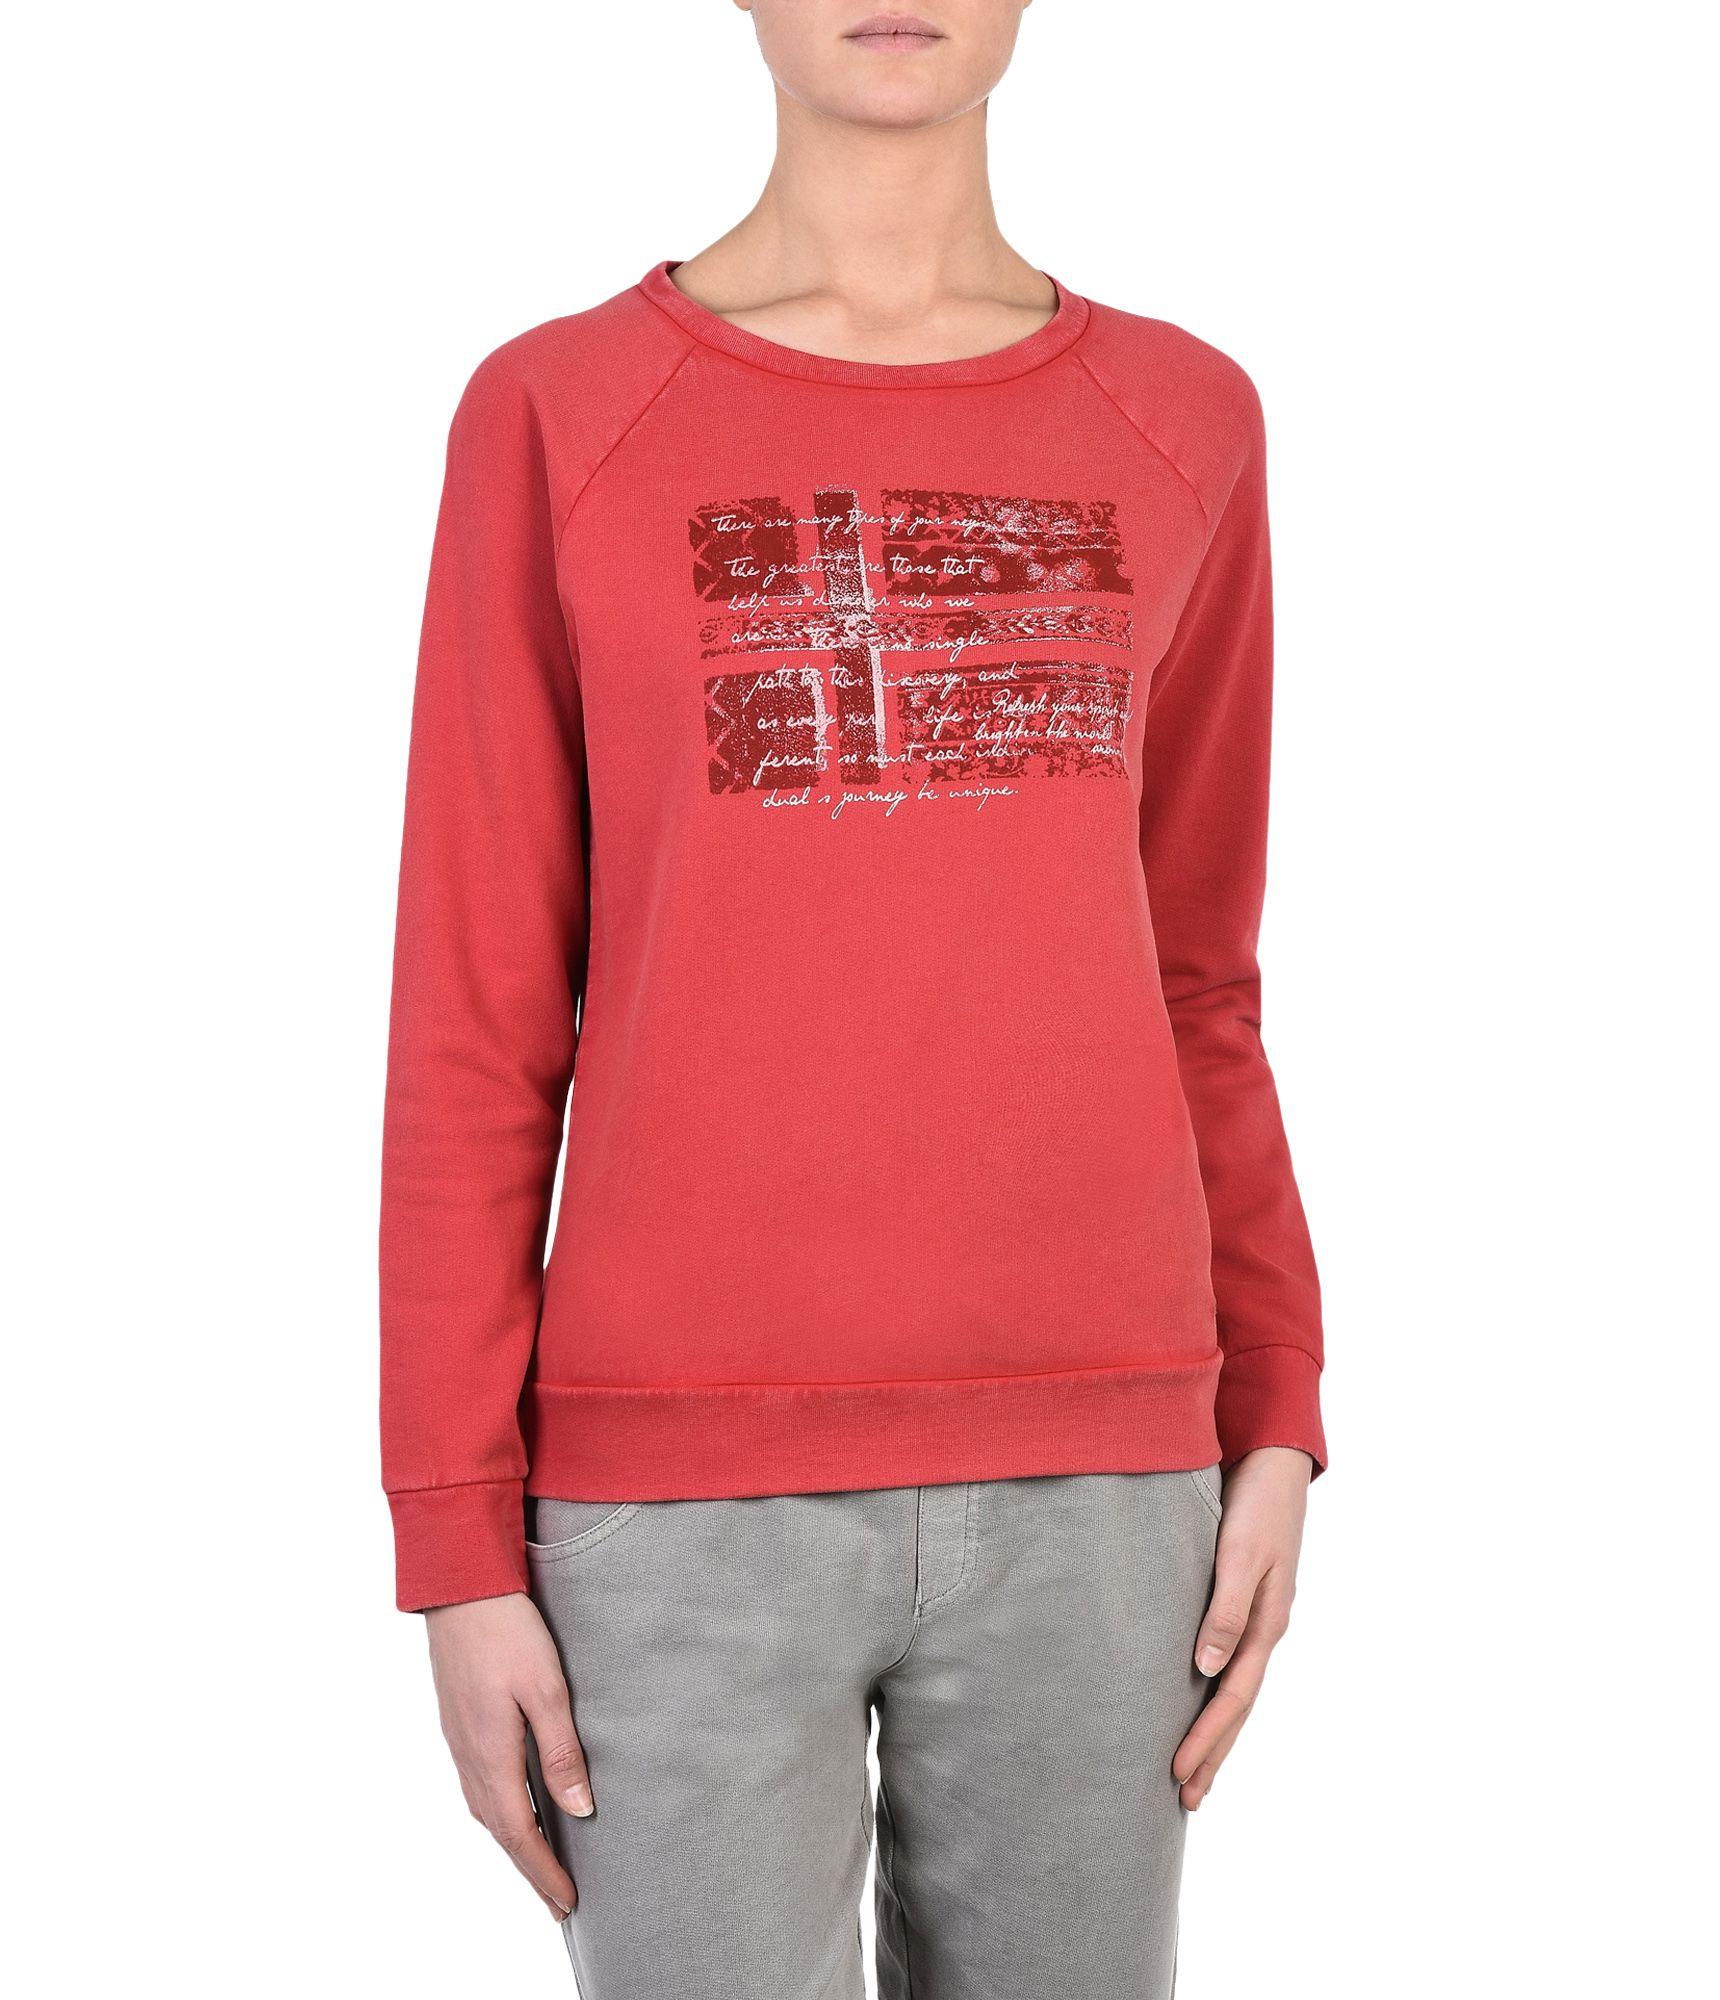 Artikel klicken und genauer betrachten! - Pullover-Sweatshirt mit Rundhalsausschnitt Vintage-Effektbehandlung Raglanärmel Halblanger Rückenreißverschluss Grafikelemente | im Online Shop kaufen